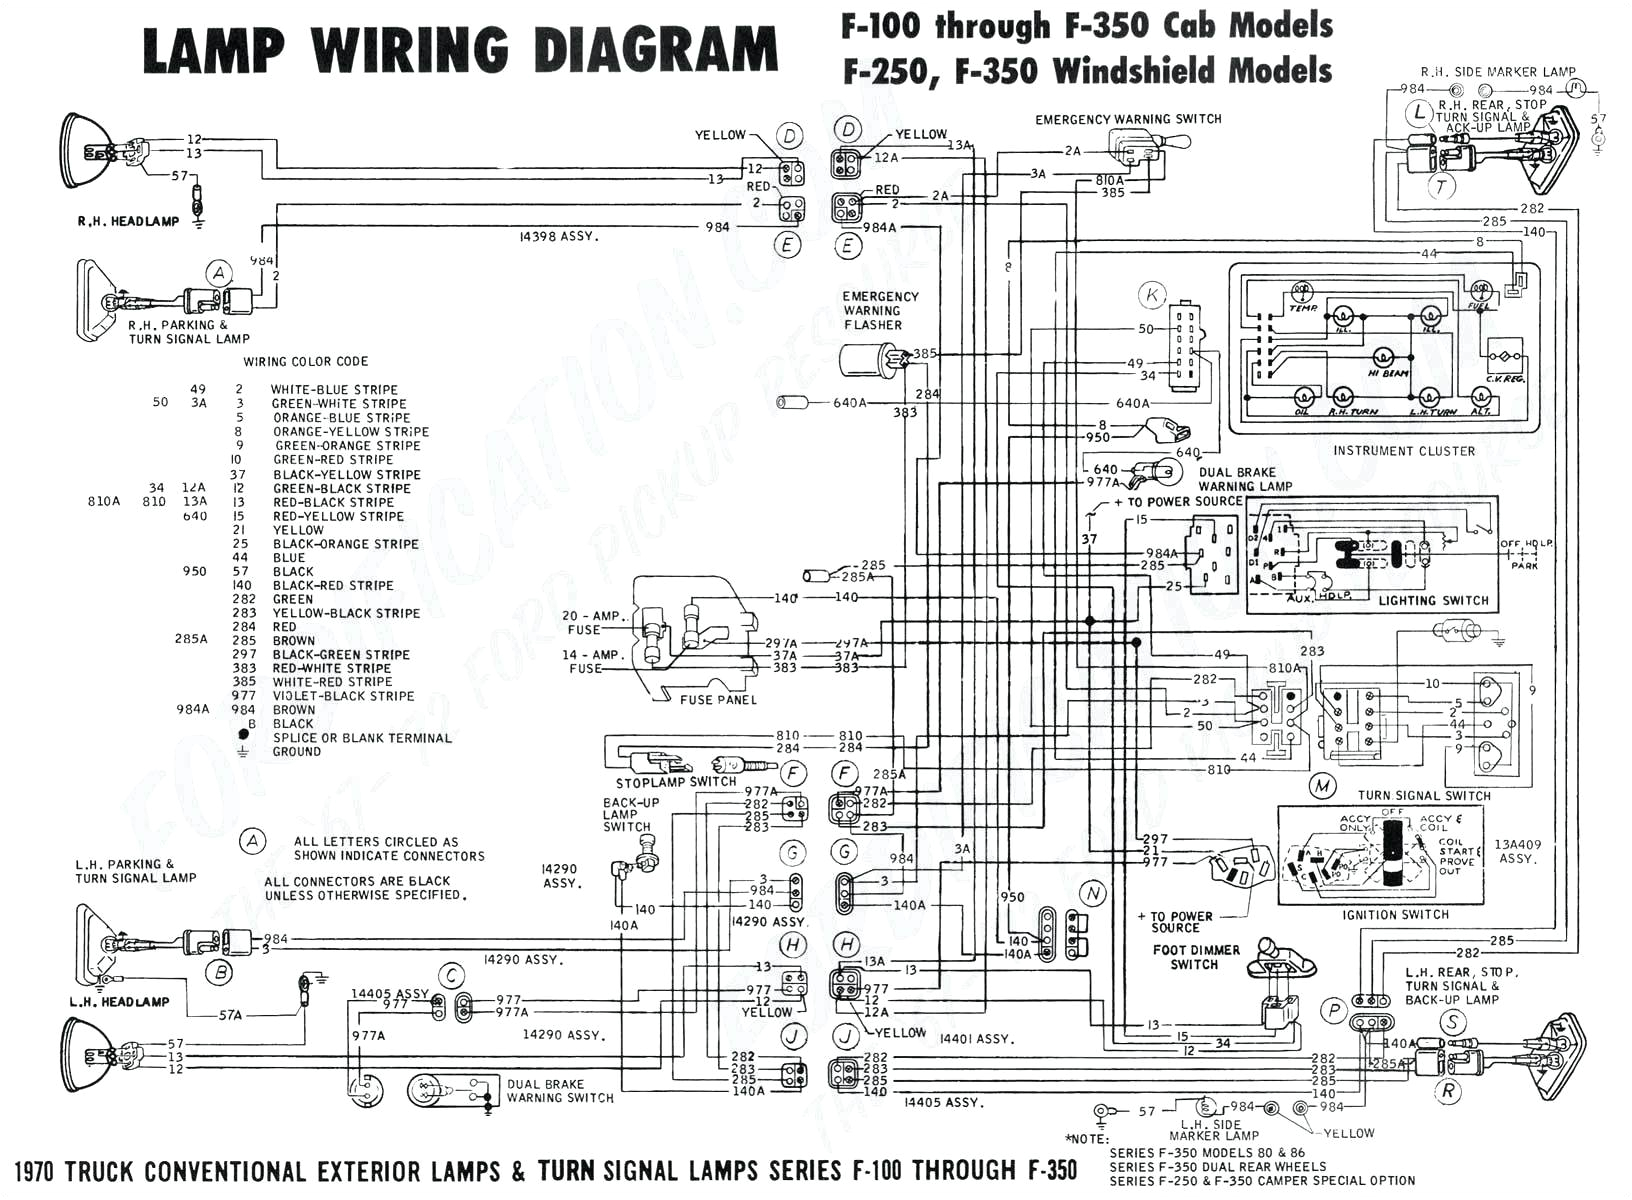 98 dodge ram trailer wiring diagram thread 2005 dodge ram wiring diagram wire center u2022